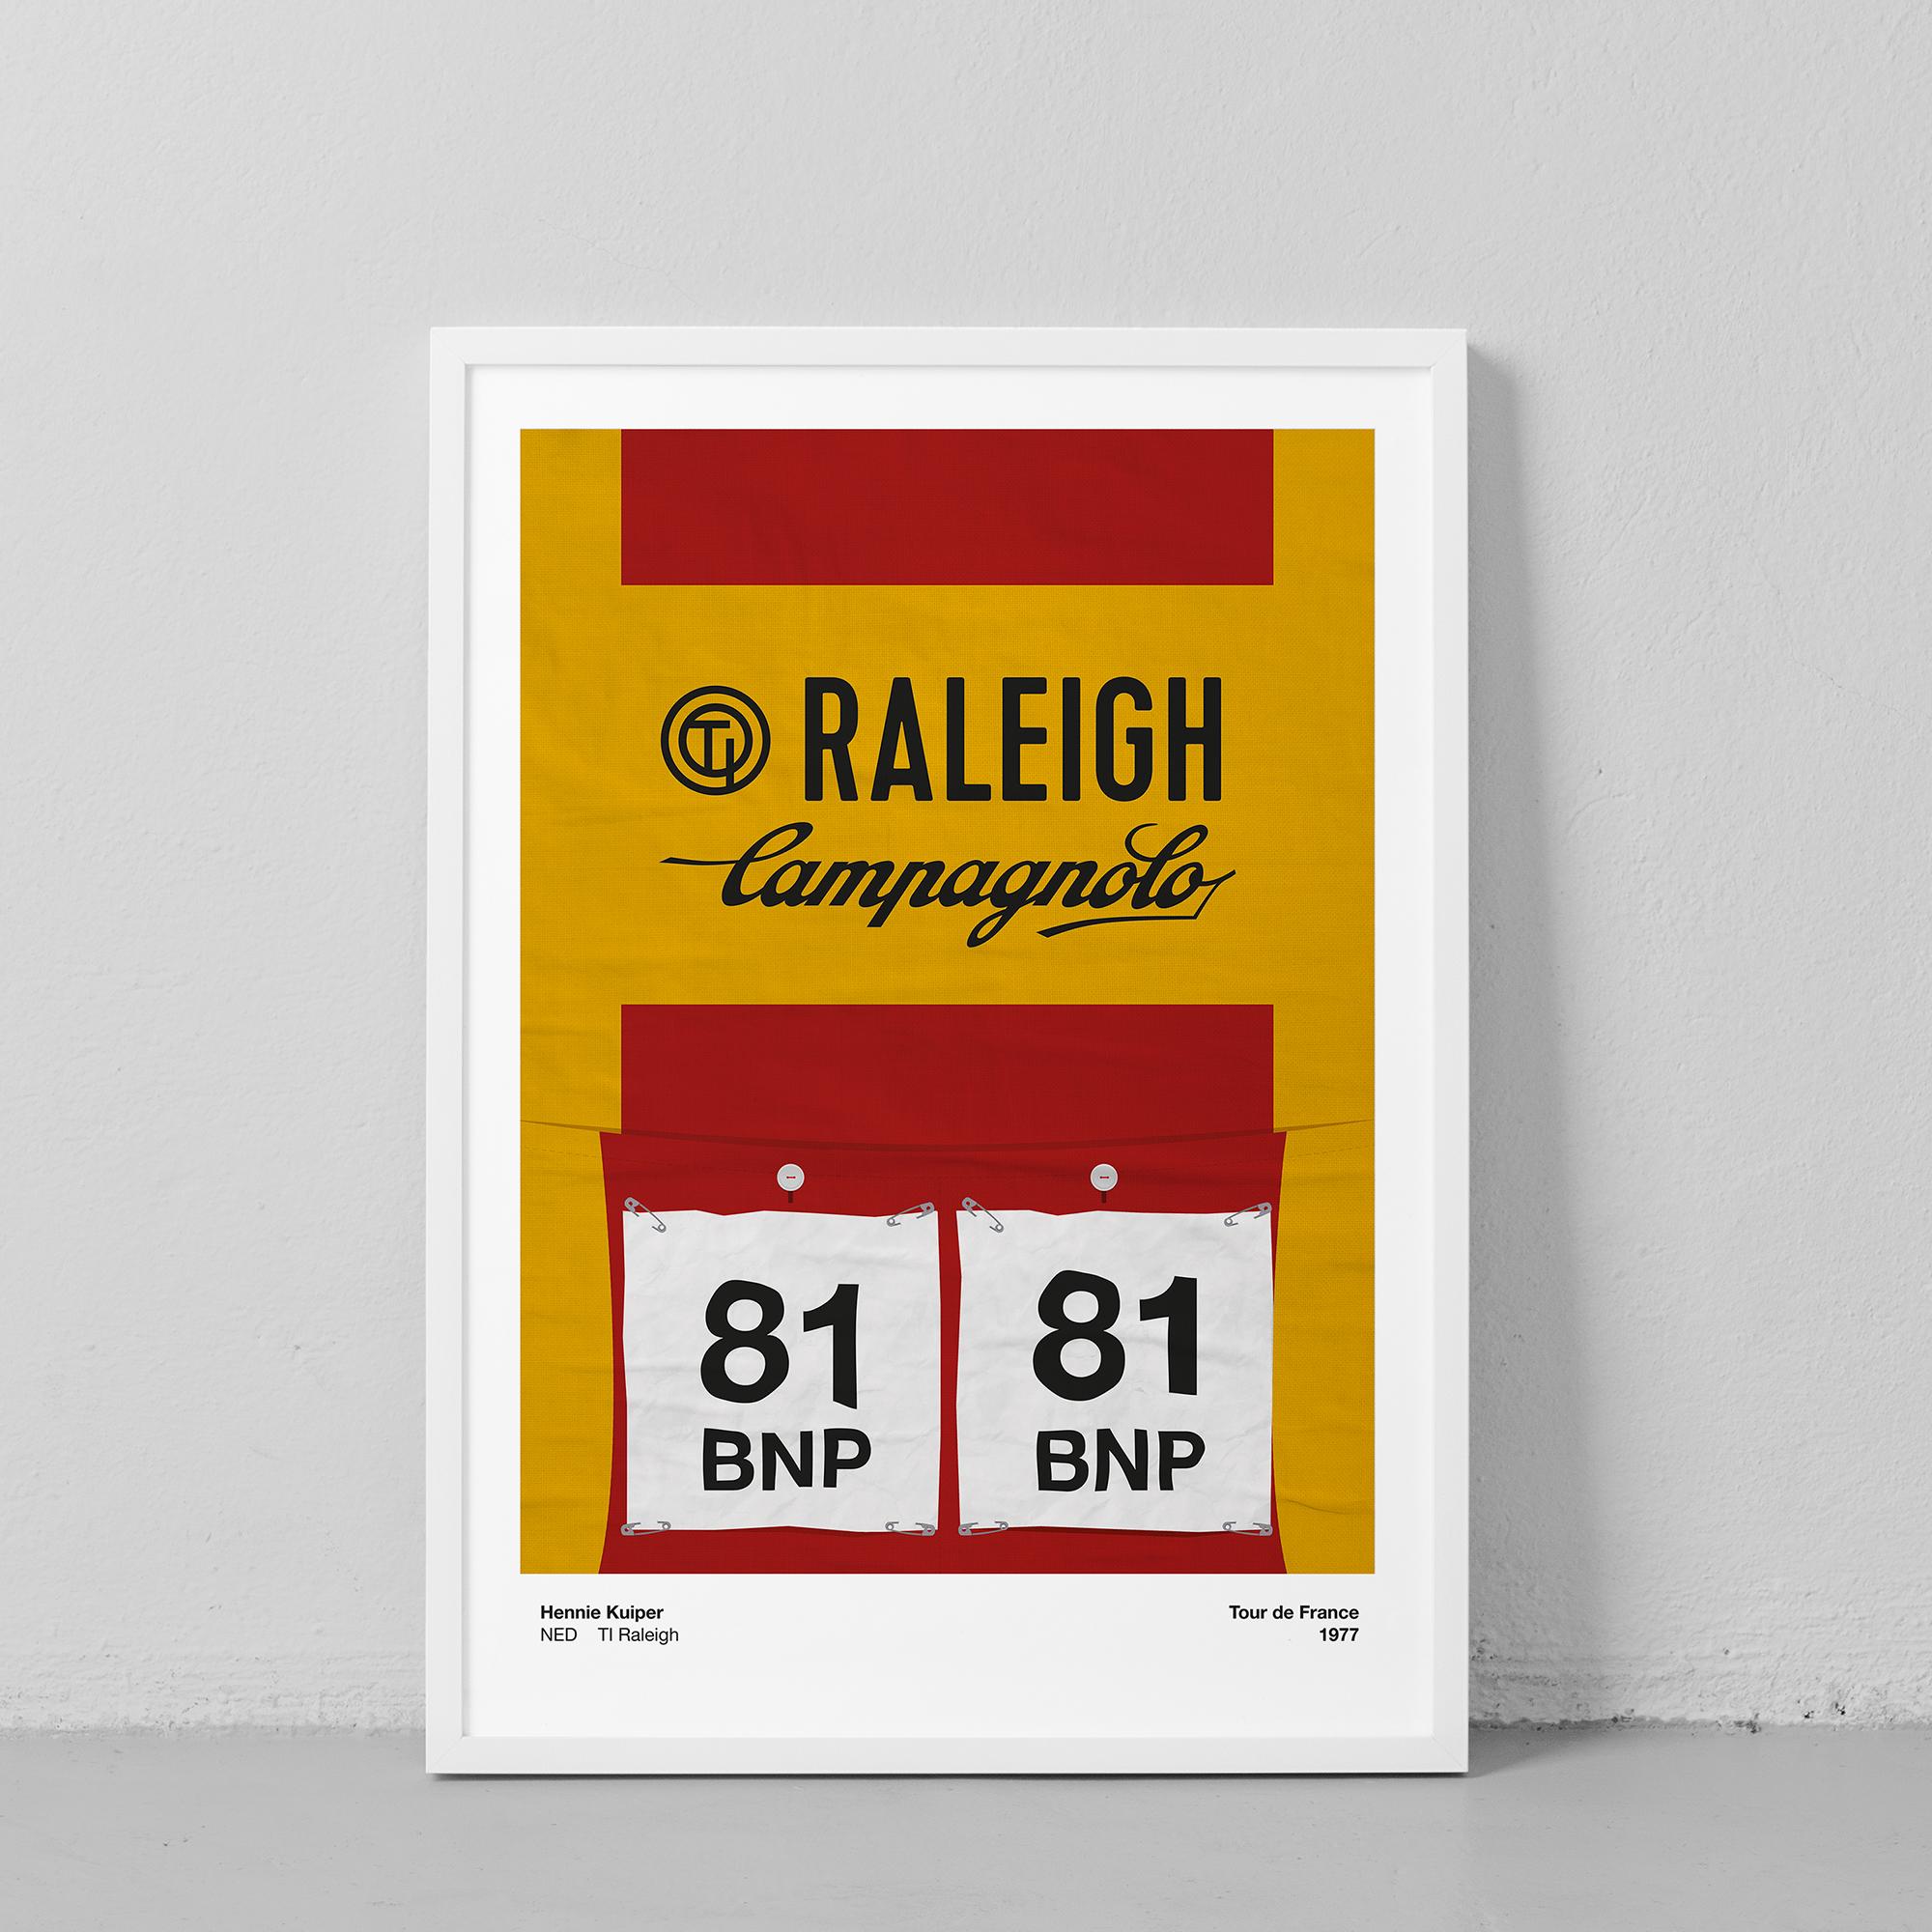 Hennie Kuiper, Raleigh